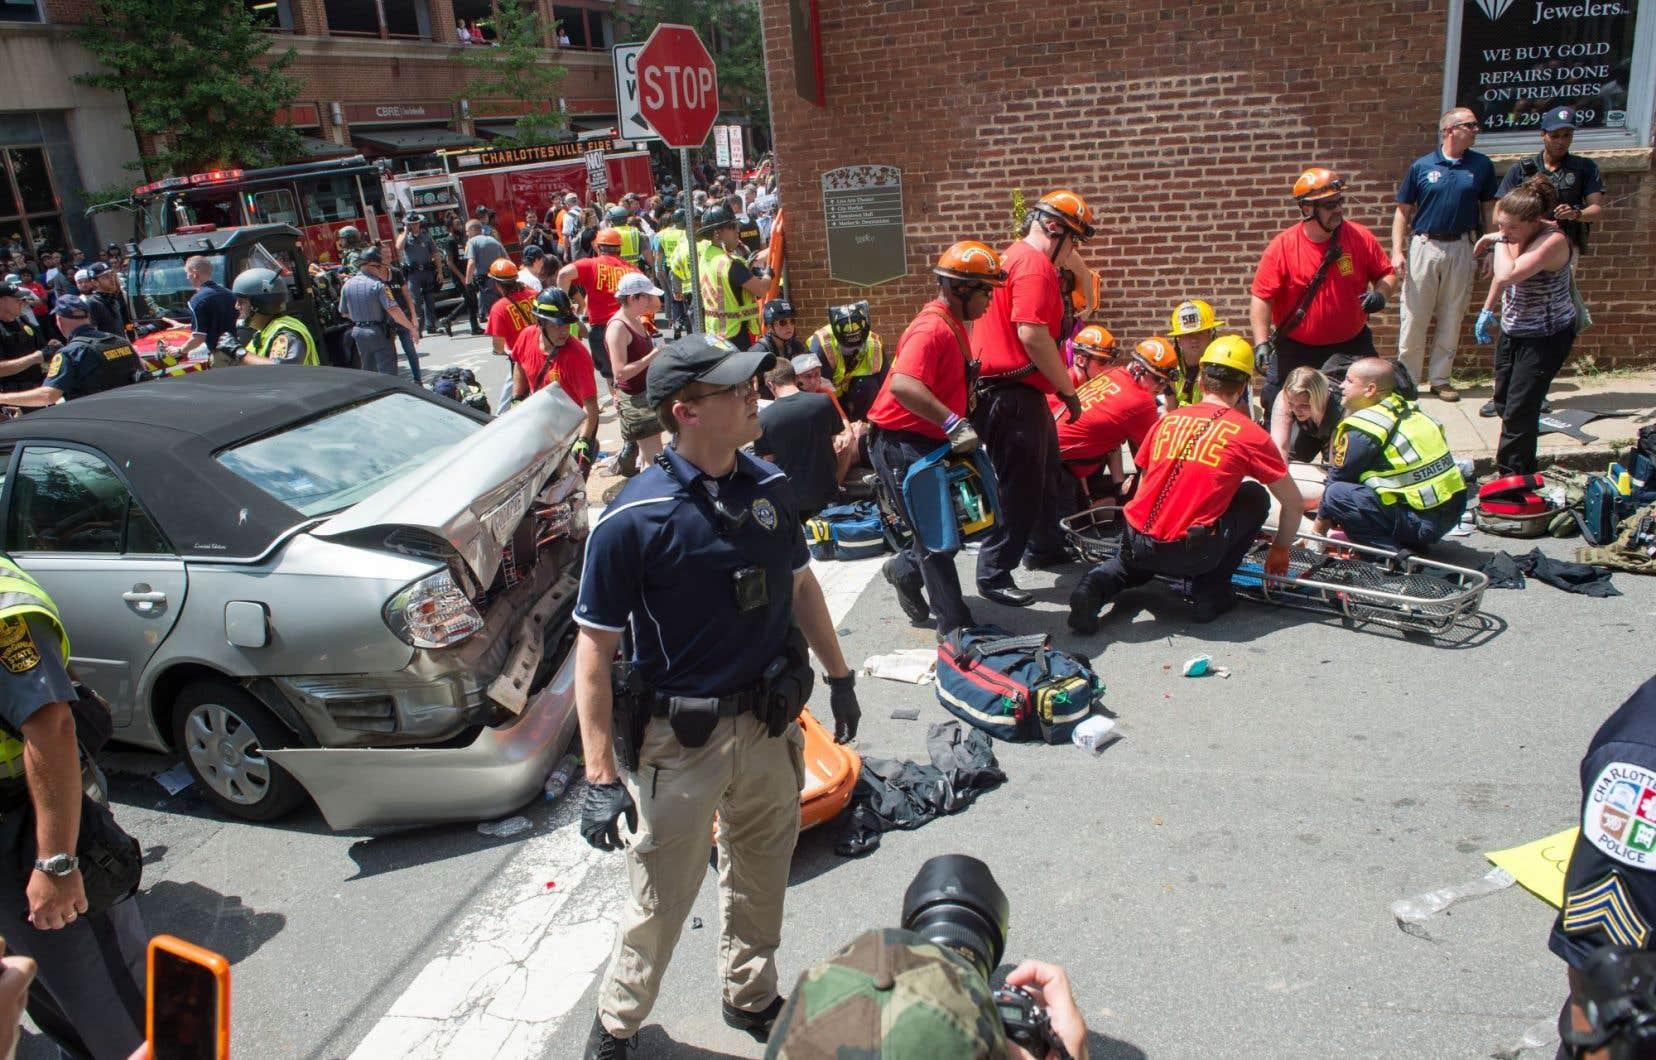 Une femme reçoit les premiers soins après qu'une voiture a percuté des manifestants à Charlottesville, en Virginie, le 12 août 2017.